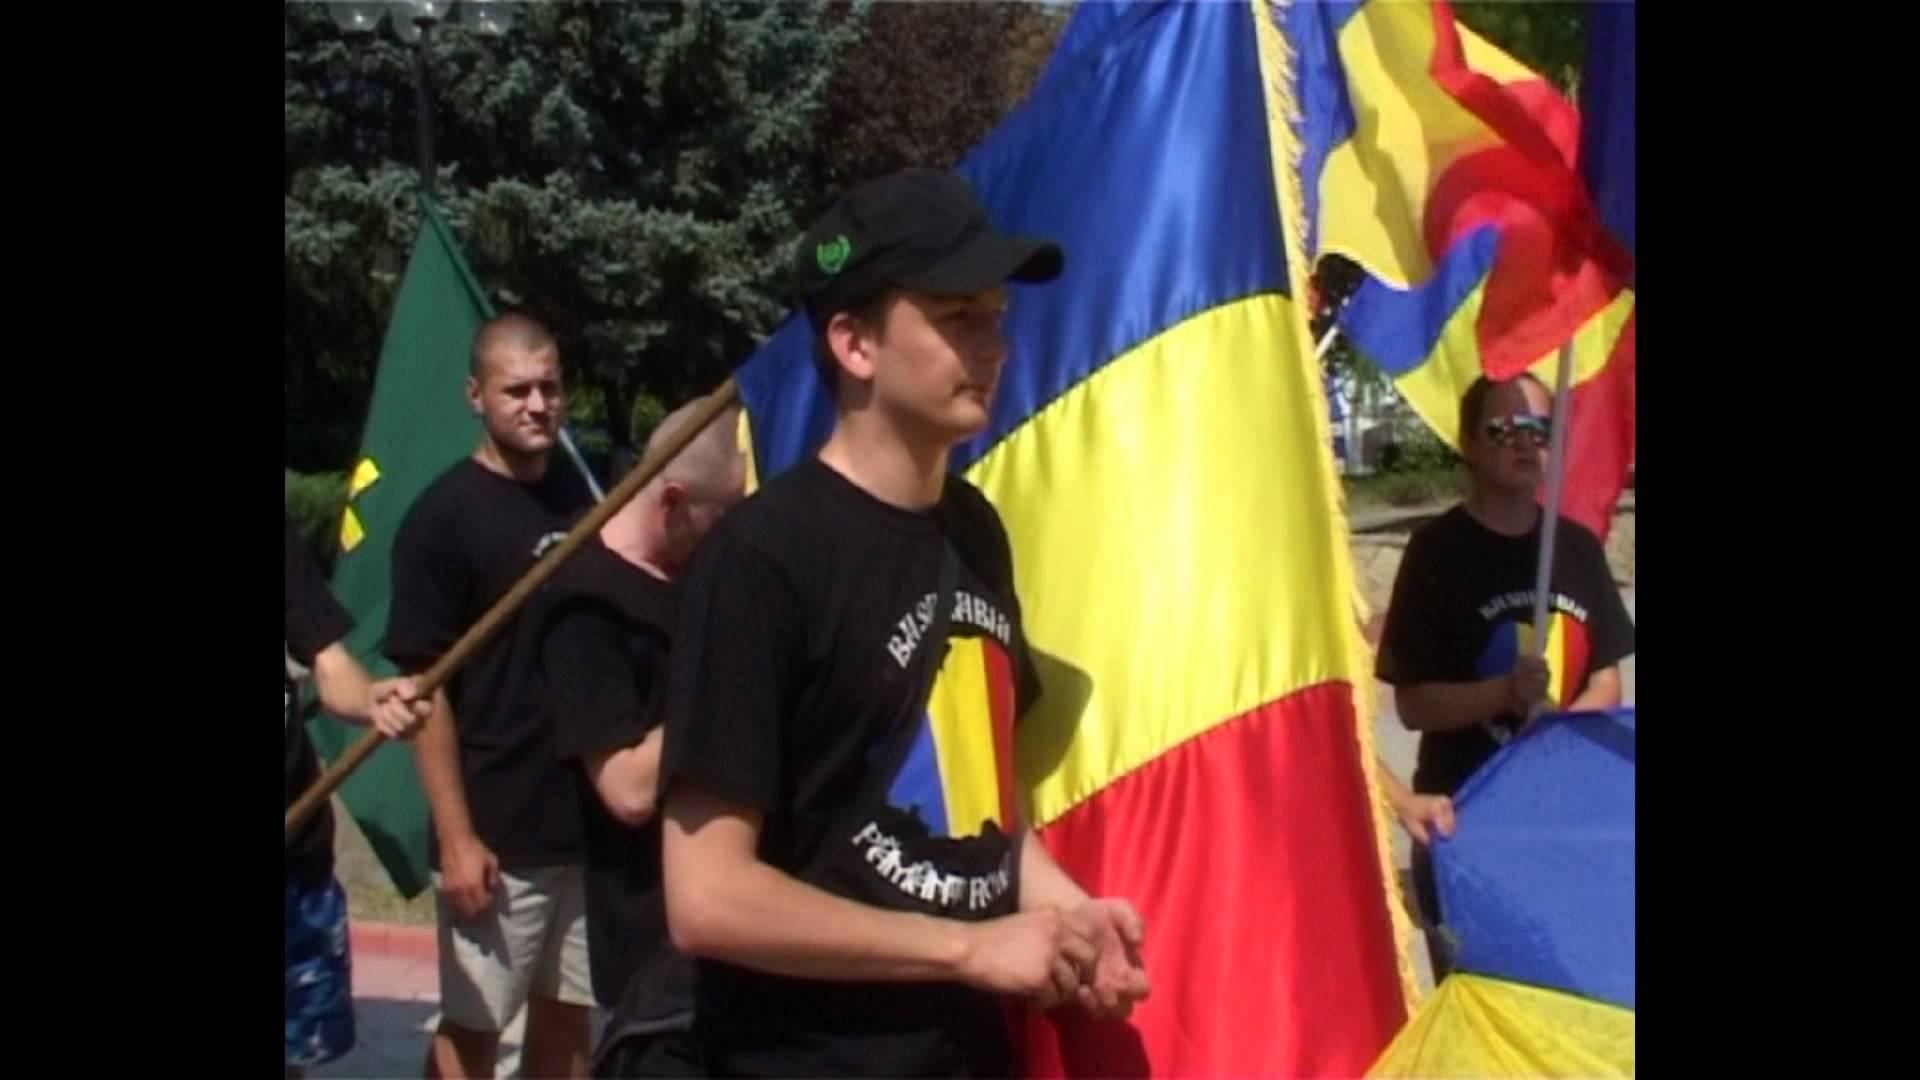 Ziua Limbii Române este sărbătorită astăzi şi la Reghin, judeţul Mureş